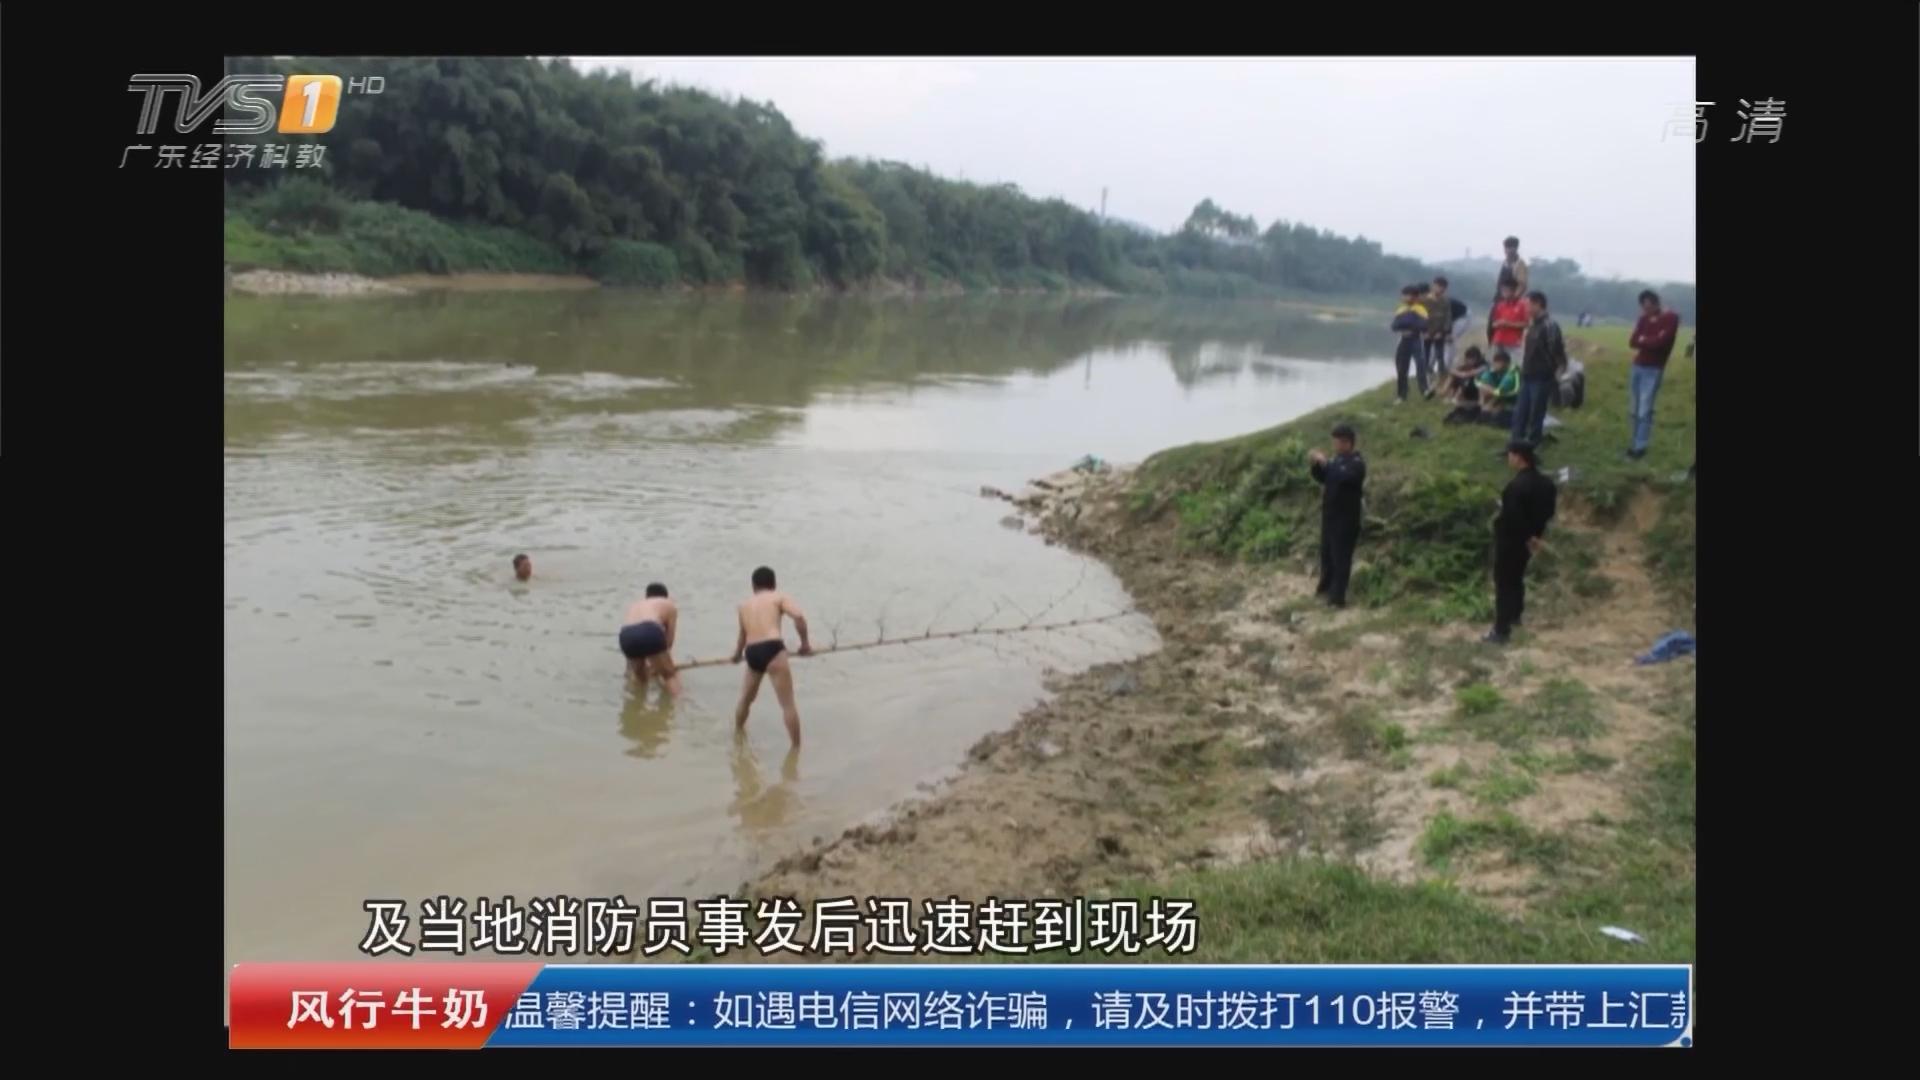 肇庆高要:江边摸鱼 13岁男童被江水吞噬